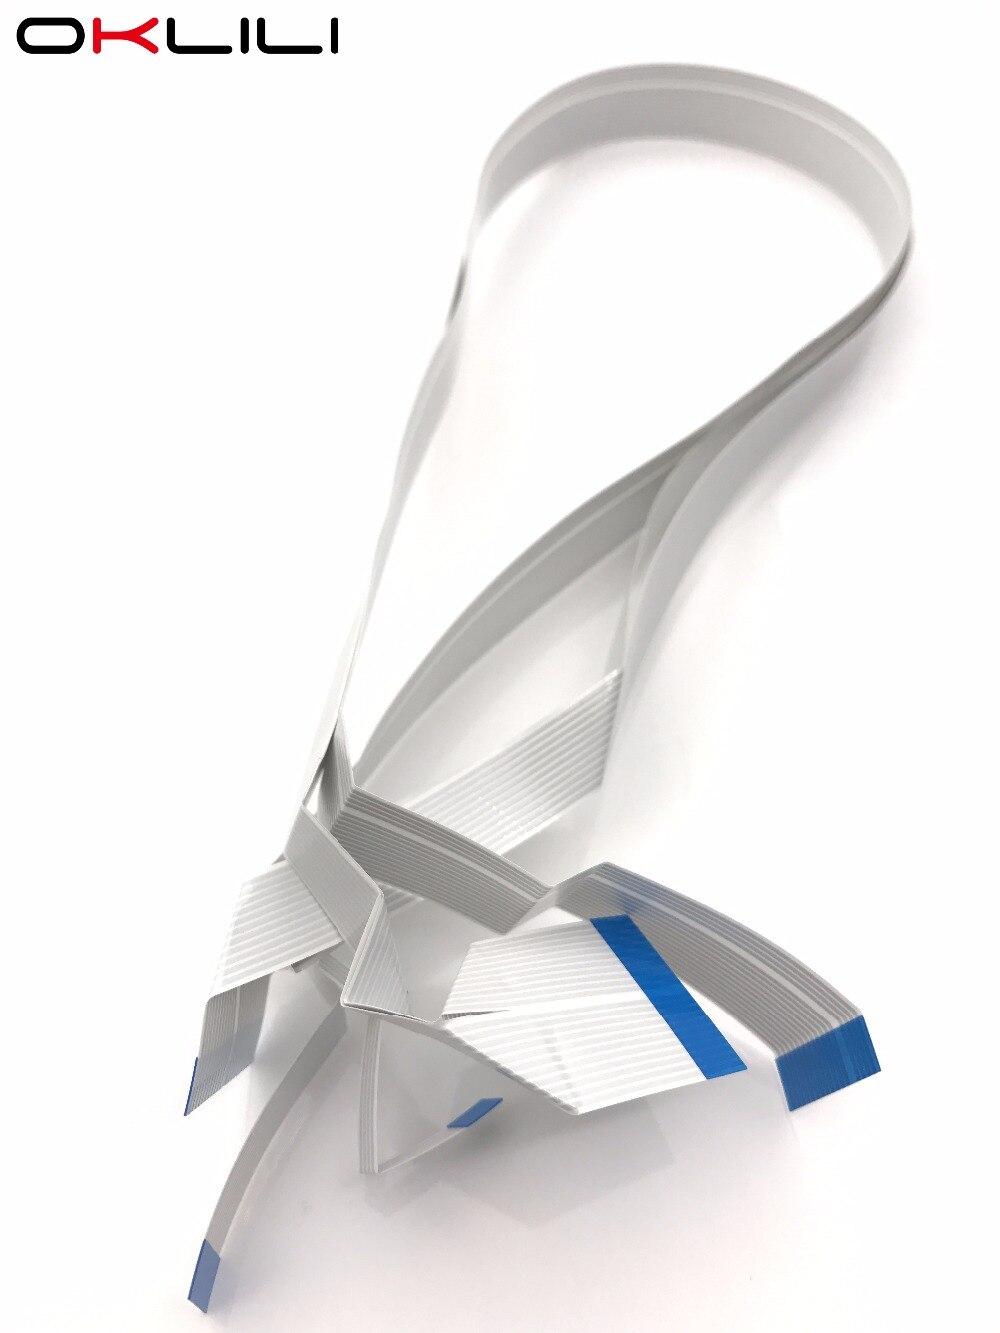 1X cabezal de impresión para impresora de Epson SX420W SX425W ME560 ME535 ME570 TX420 TX430 NX420 NX425 SX420 SX425 SX430